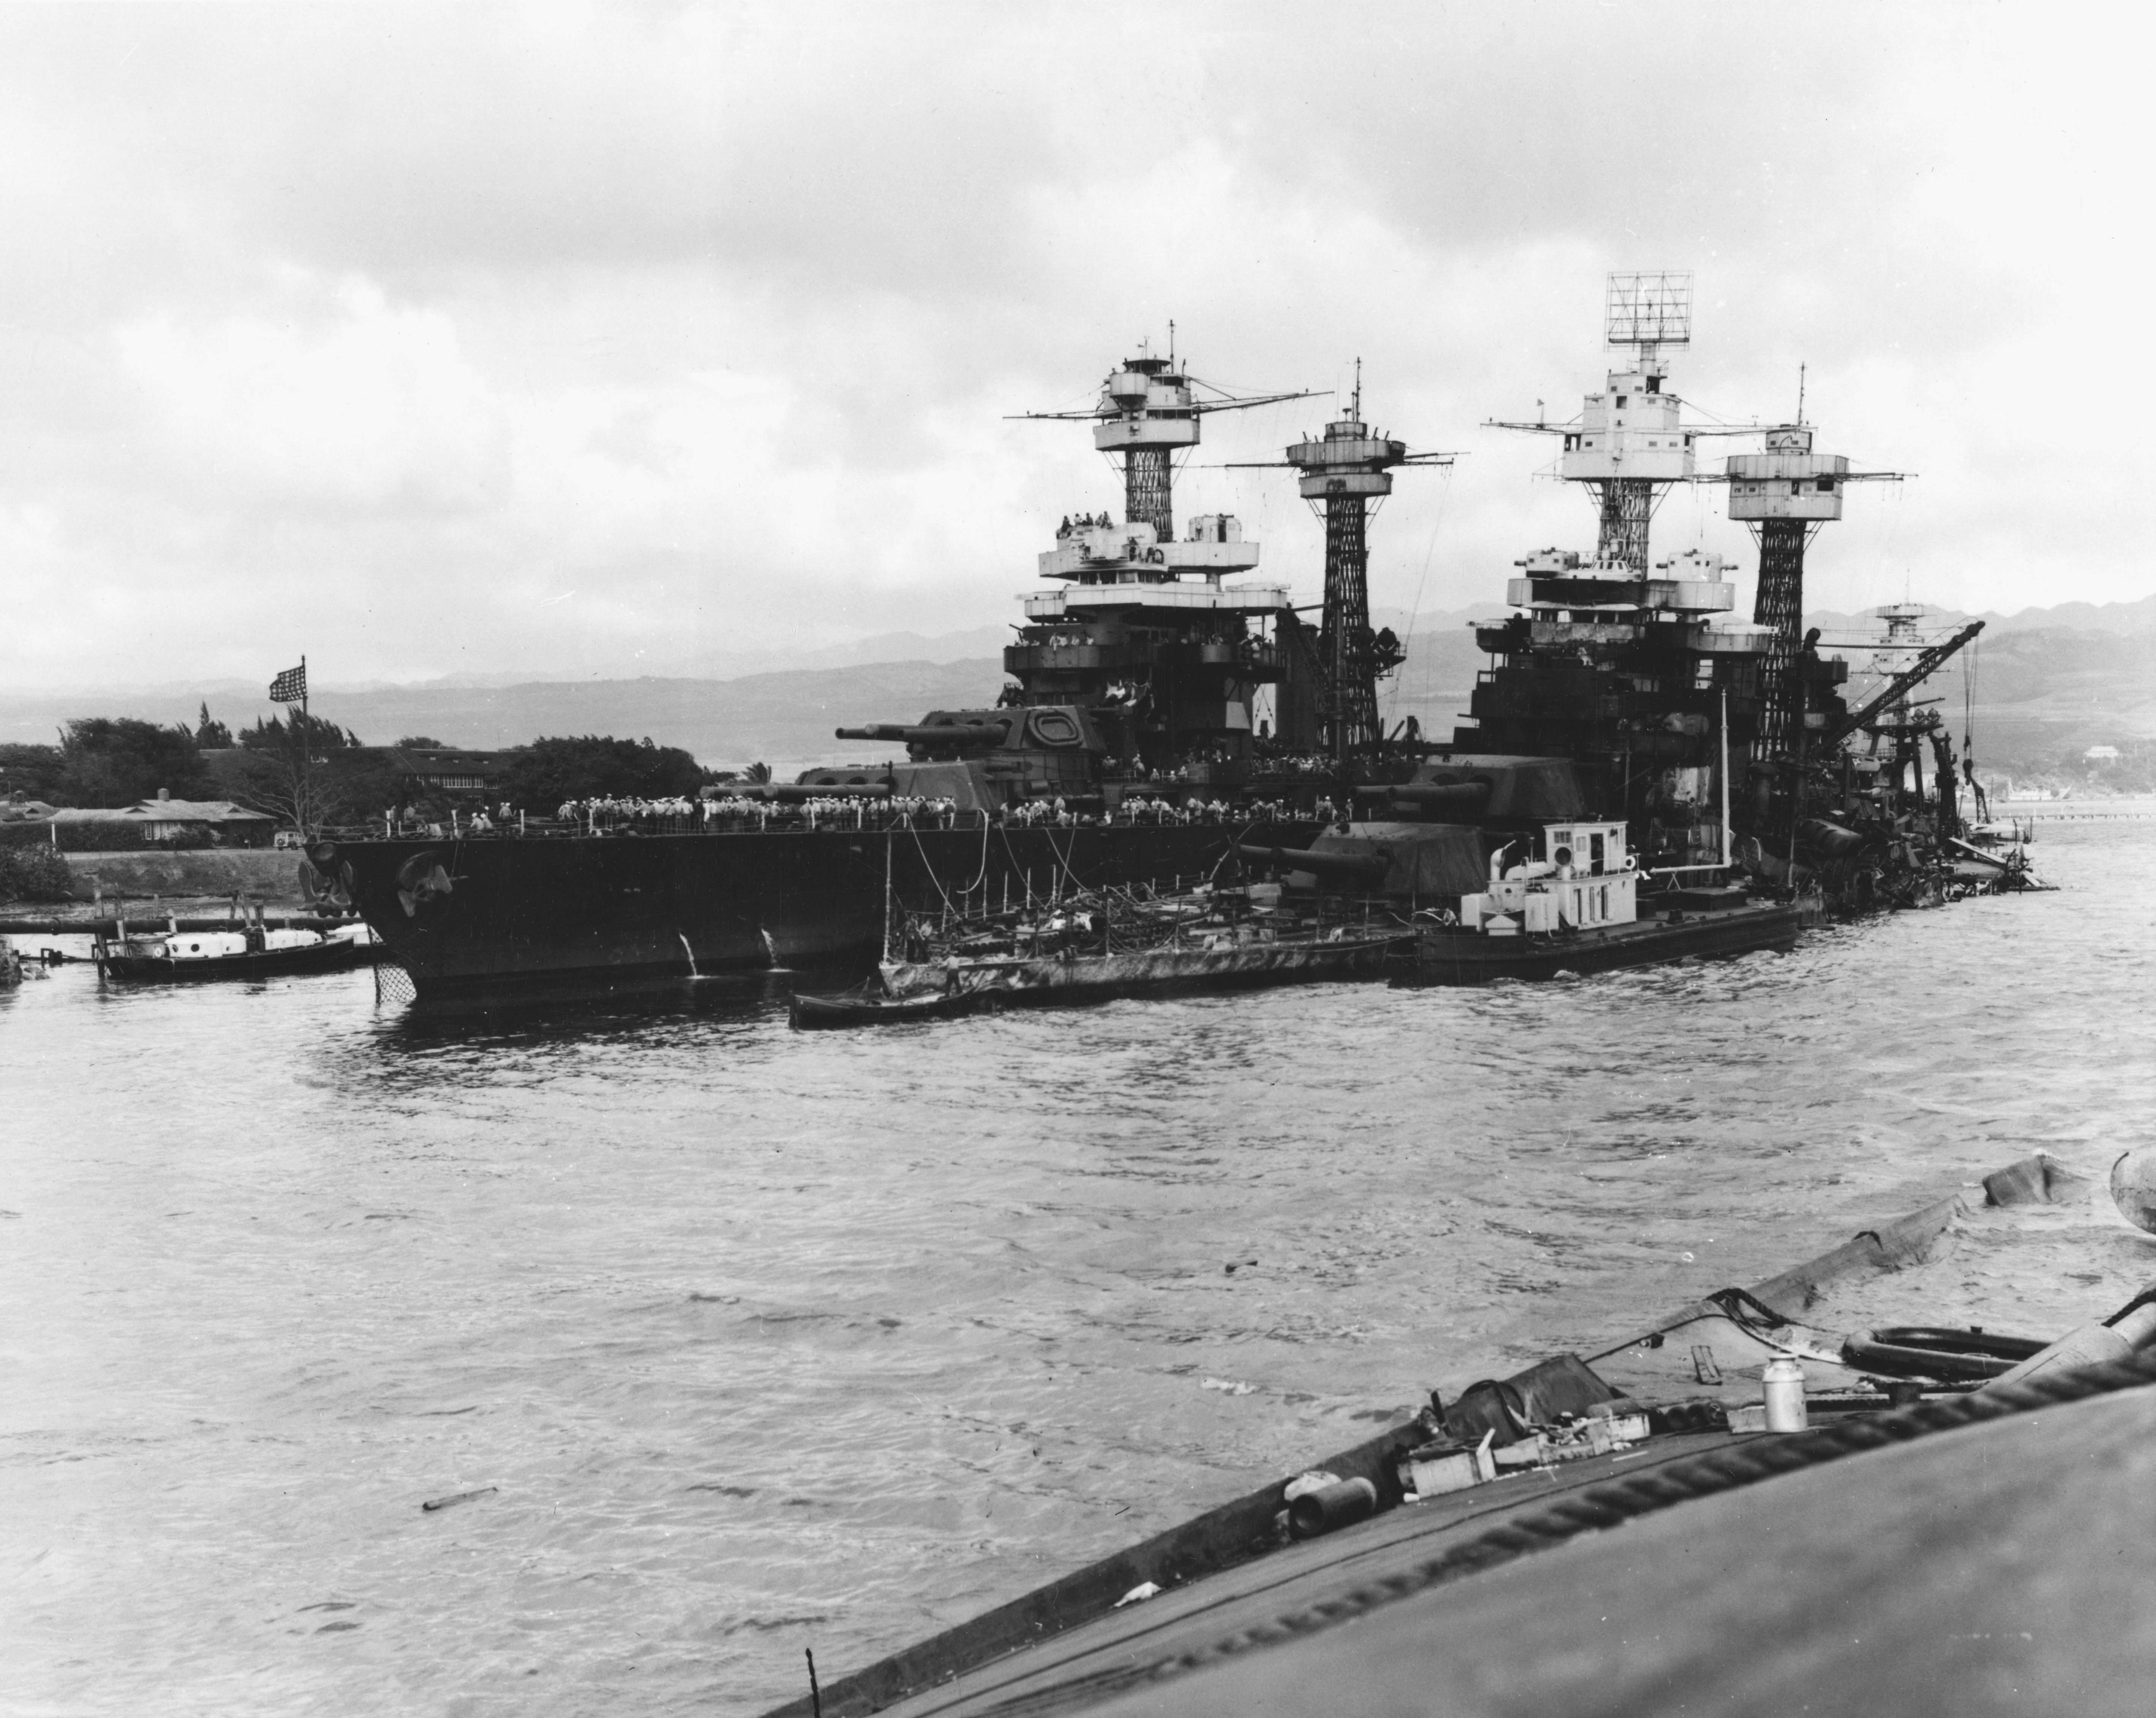 Pearlharbour bb48 bb43 - Le USS Tennessee endommagé par l'attaque de Pearl Harbor (à gauche). Il se trouve à côté de l'USS West Virginia (BB-48) qui a coulé. Photo prise depuis le USS Oklahoma (BB-37) le 10 décembre 1941